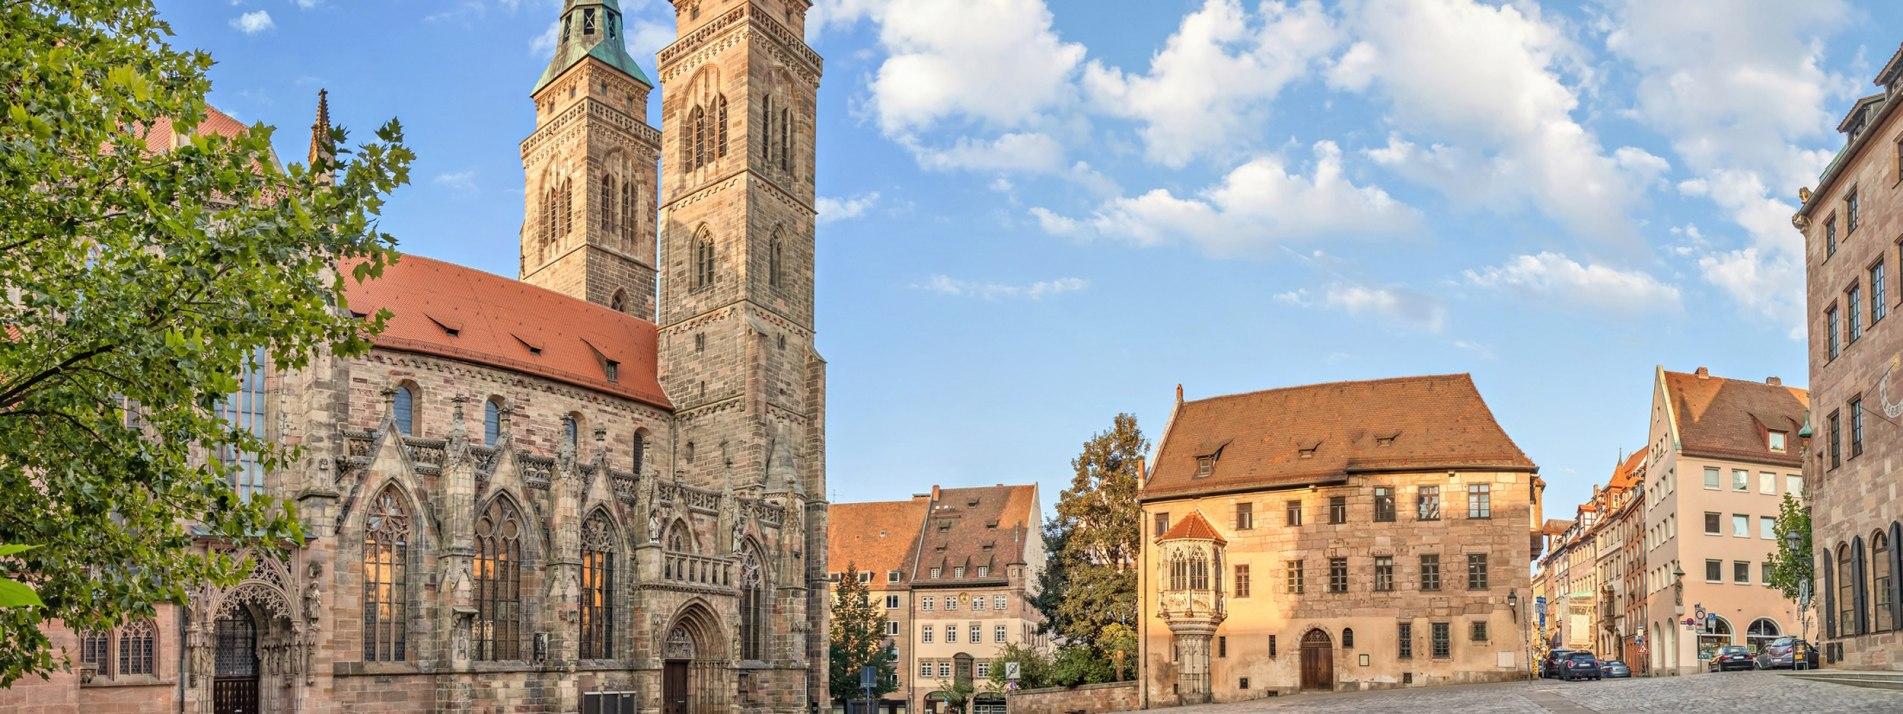 Mittelalterliche Kirche des St. Sebald - Sebalduskirche Nürnberg - BAHNHIT.DE, © getty, Foto: bbsferrari